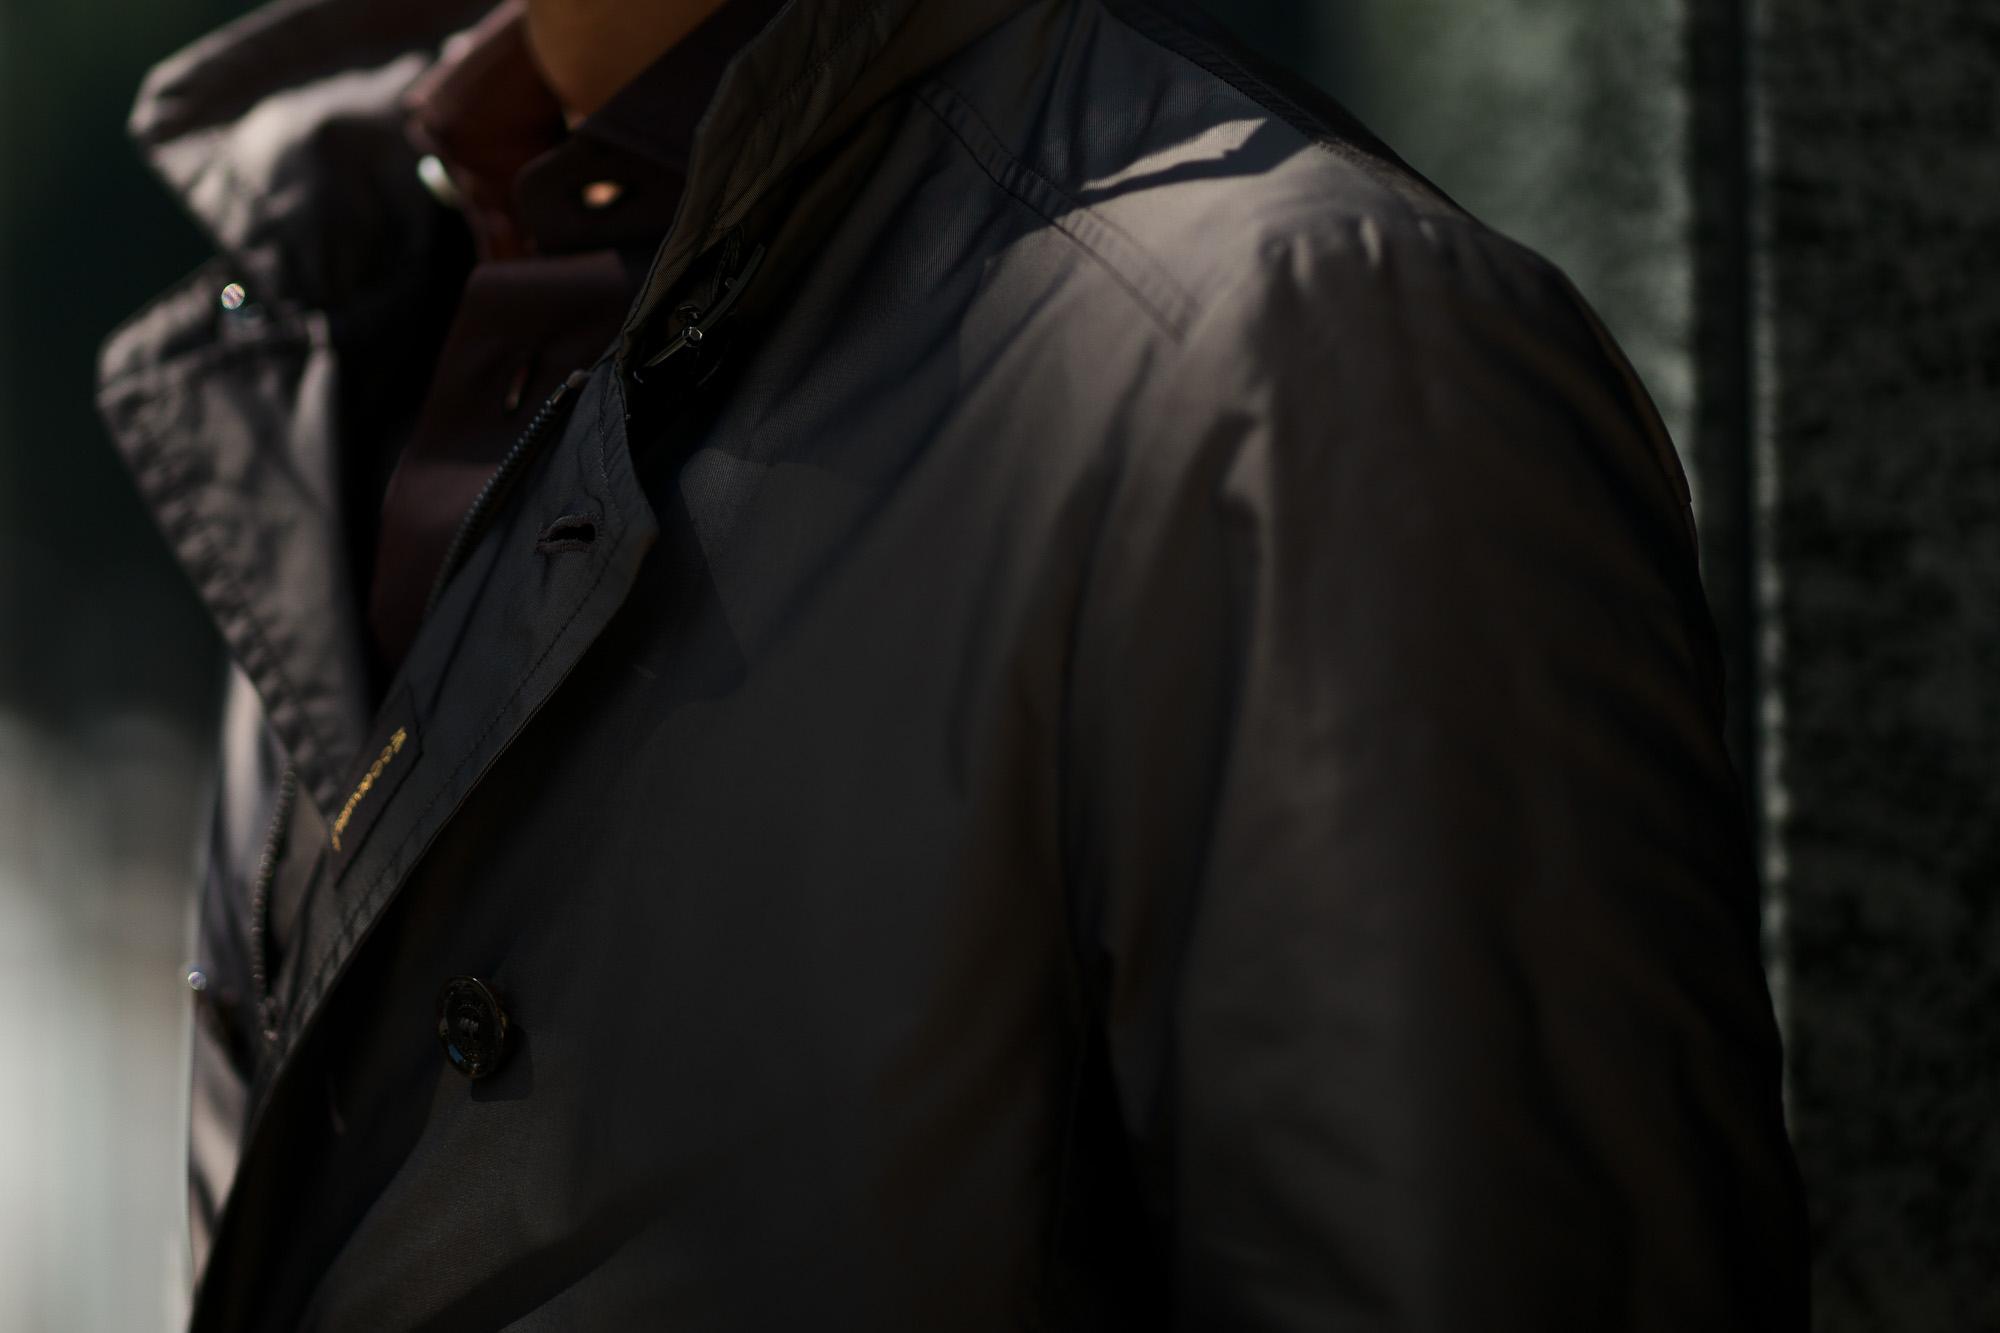 MOORER(ムーレー) MORANDI-KM1(モランディ KM1) 258-11838 ポリエステル ダブルブレスト スタンドカラー スプリング コート NERO(ブラック・08) Made in italy (イタリア製)  2020春夏 【ご予約受付中】愛知 名古屋 altoediritto アルトエデリット